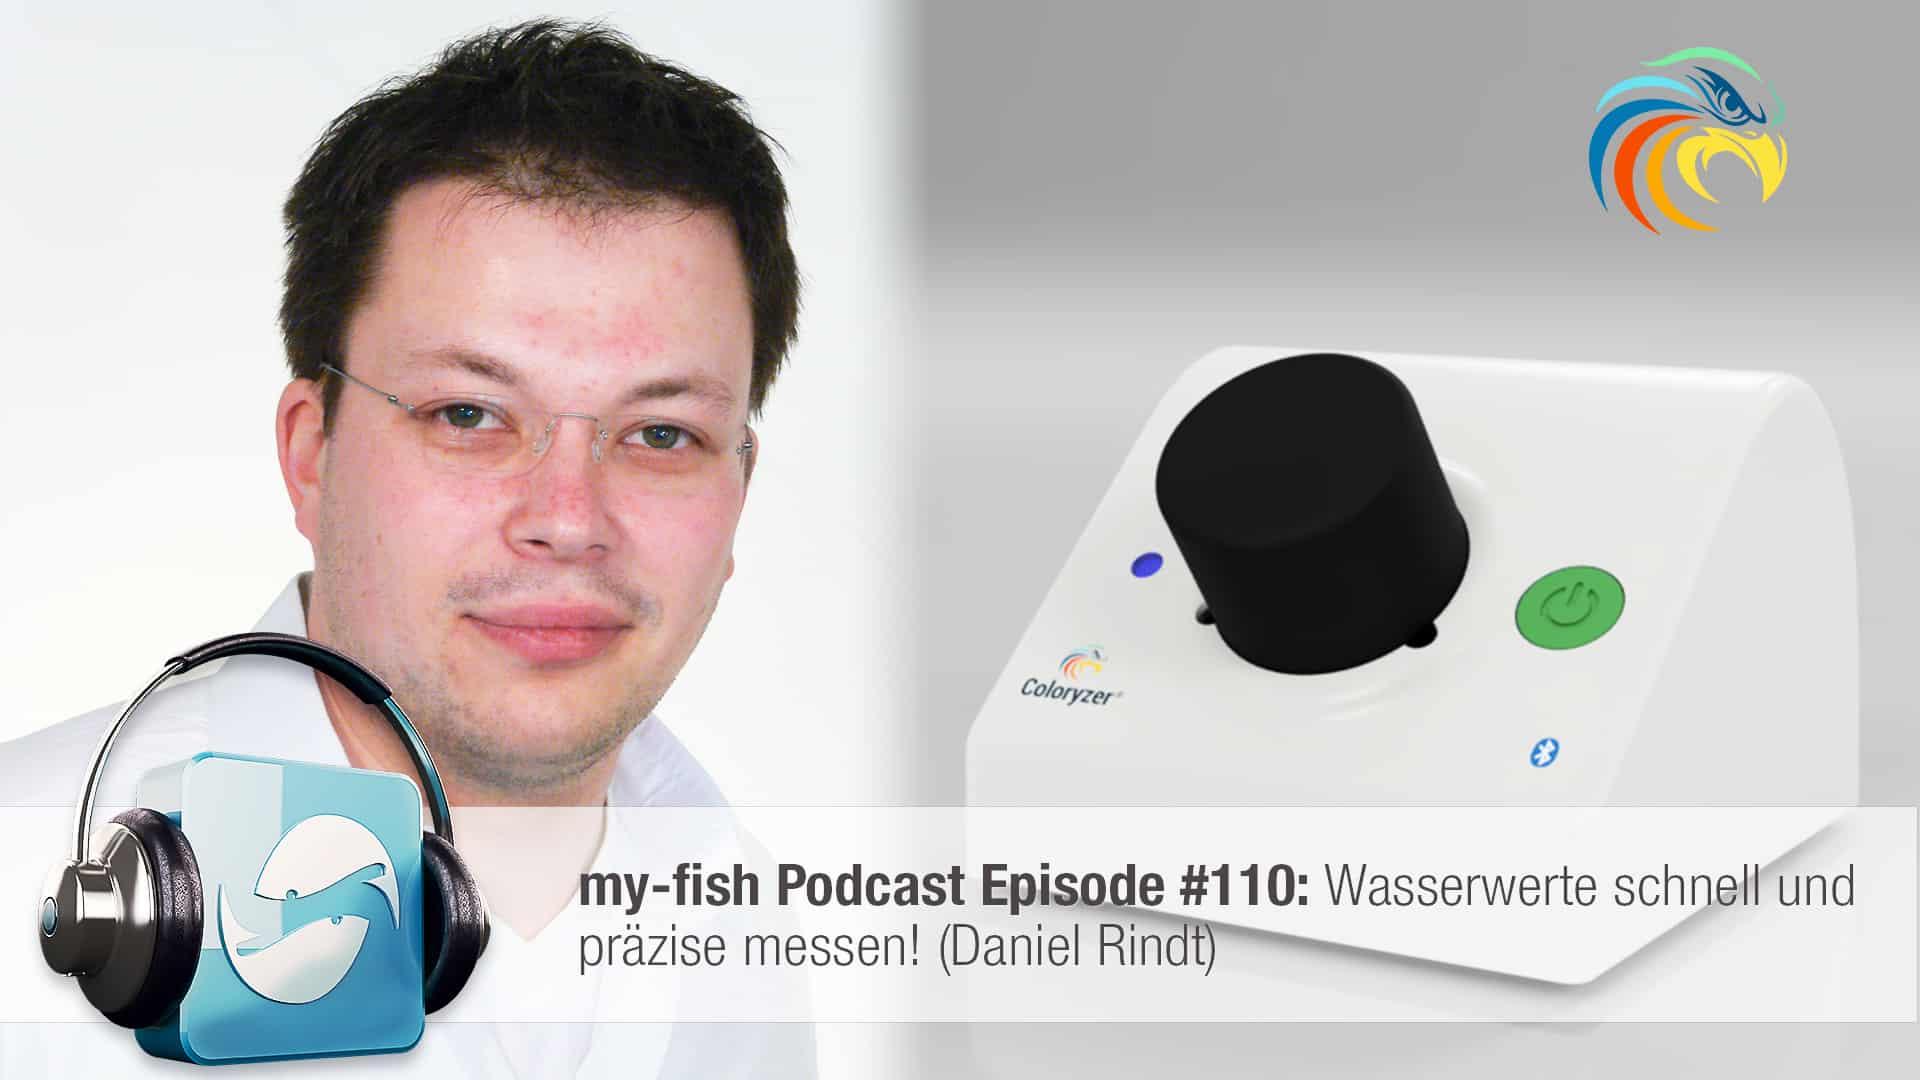 Podcast Episode #110: Wasserwerte schnell und präzise messen! (Daniel Rindt) 1